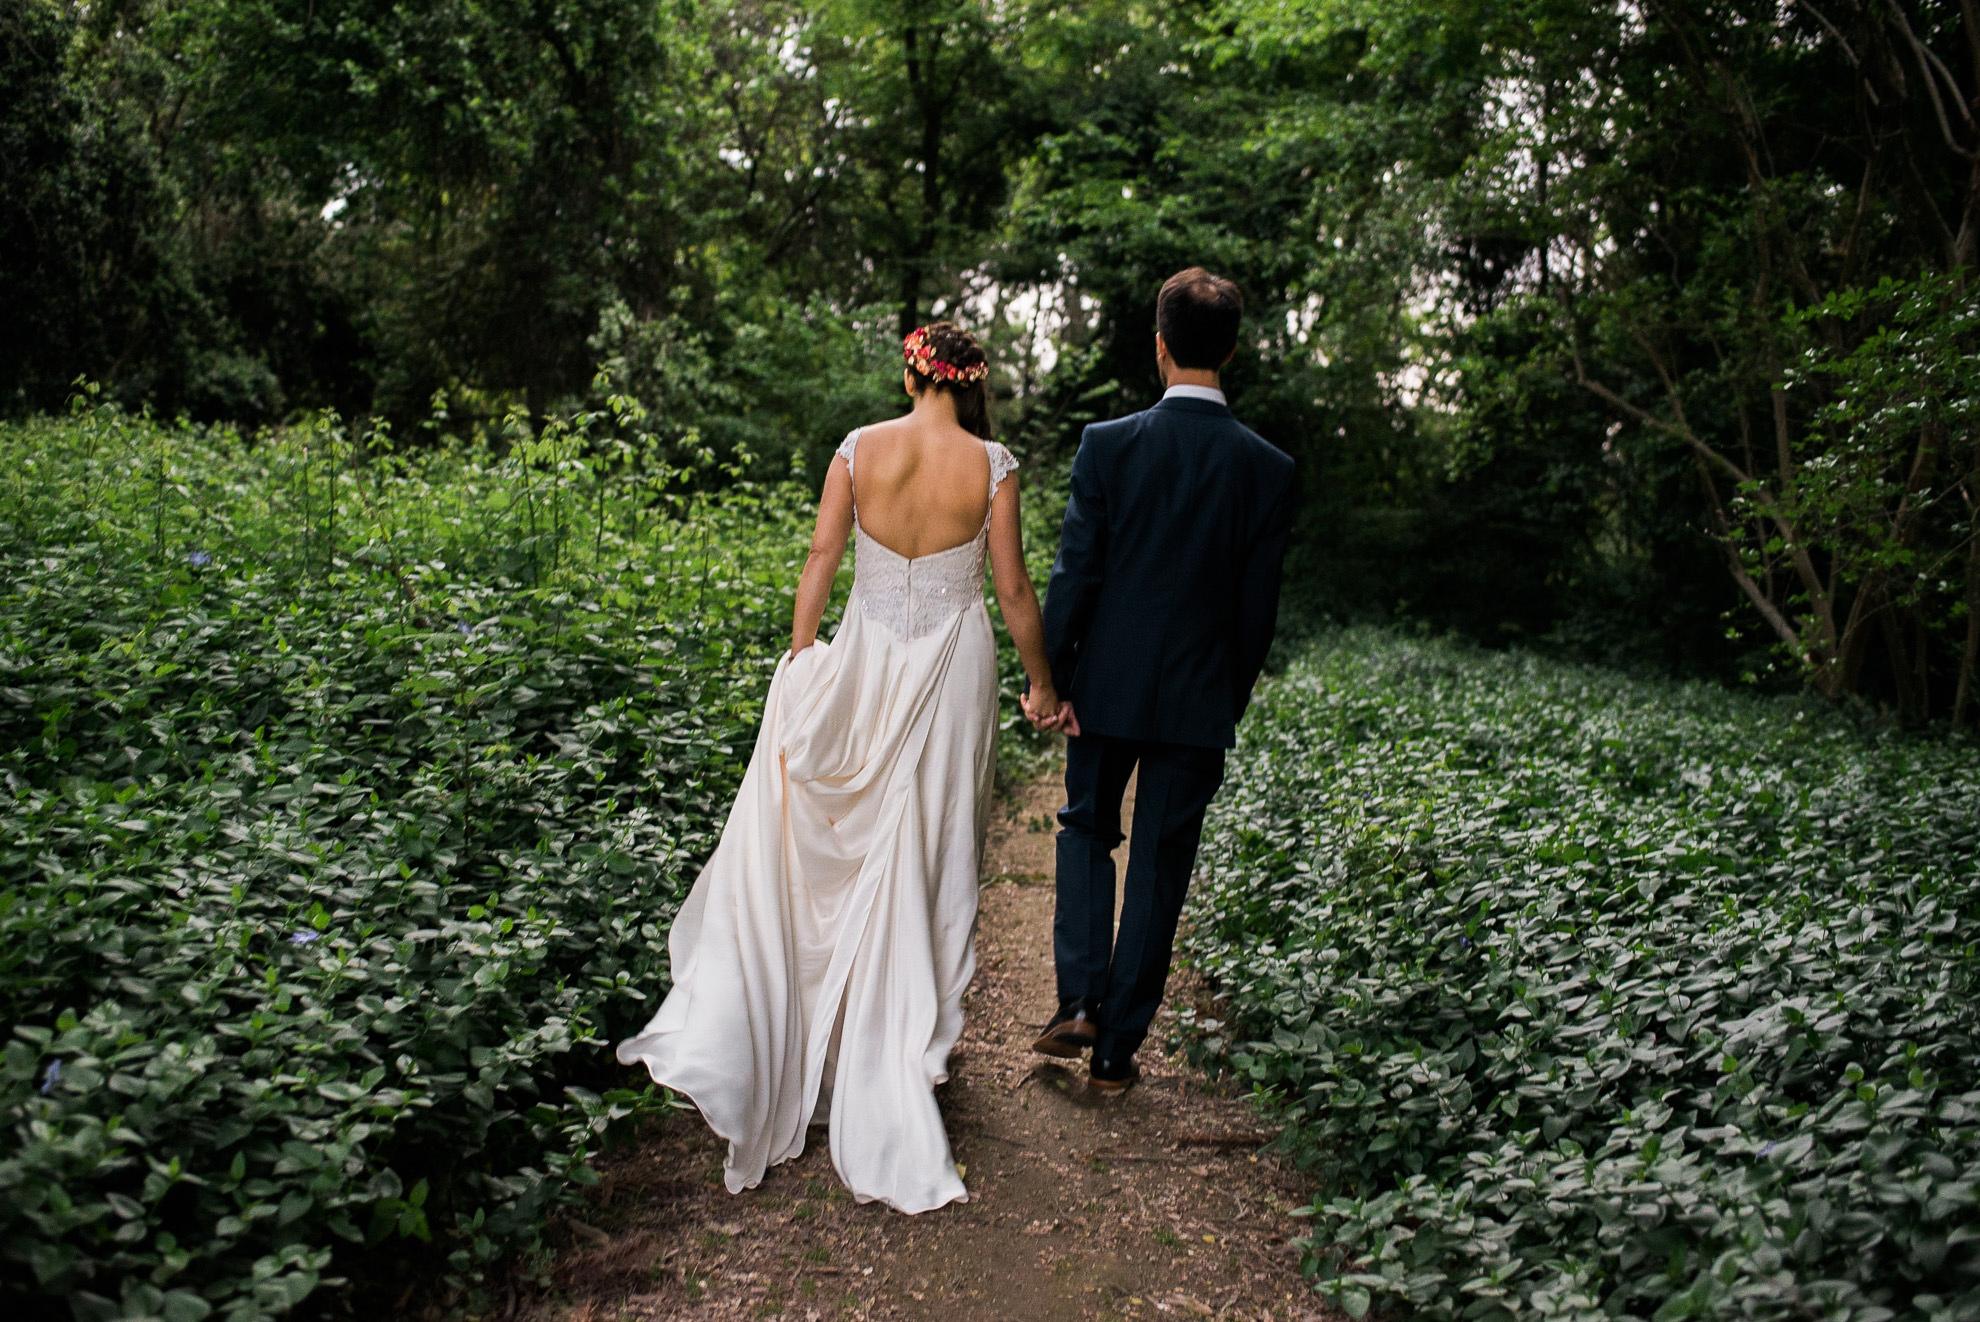 047_matrimonio casa parque nos.jpg